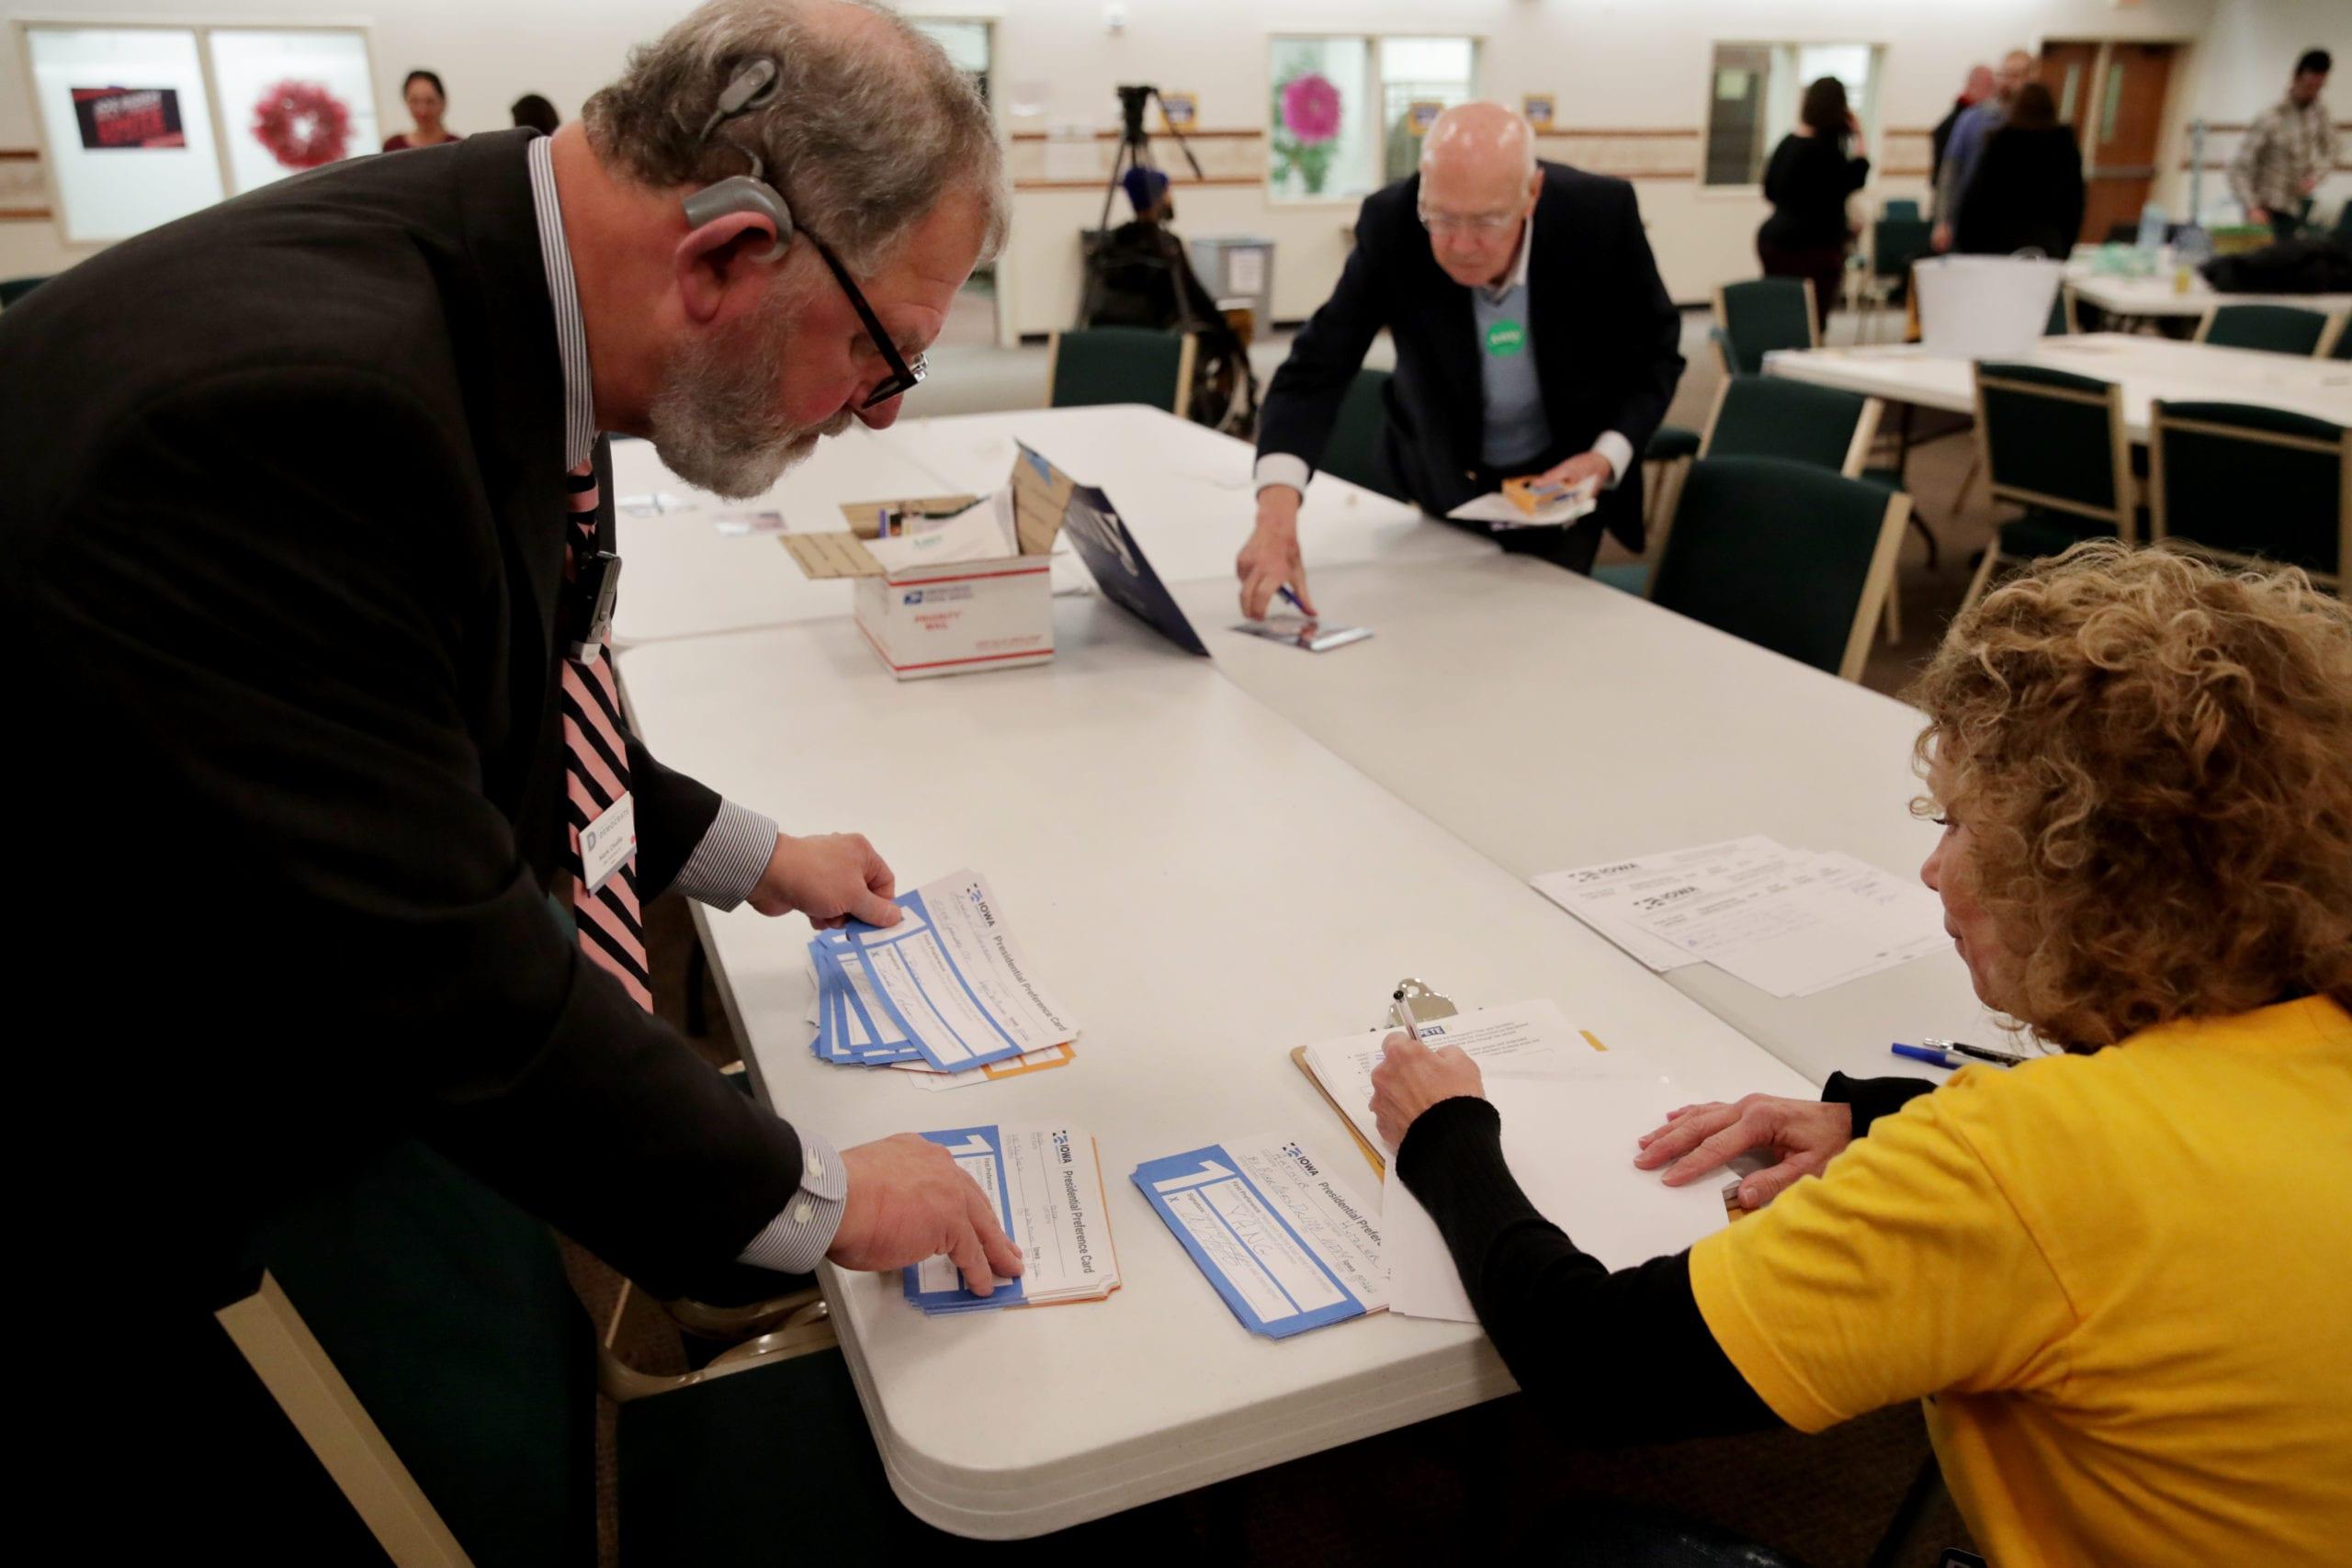 Piden recuento de votos ante resultados cerrados de primarias demócratas en Iowa